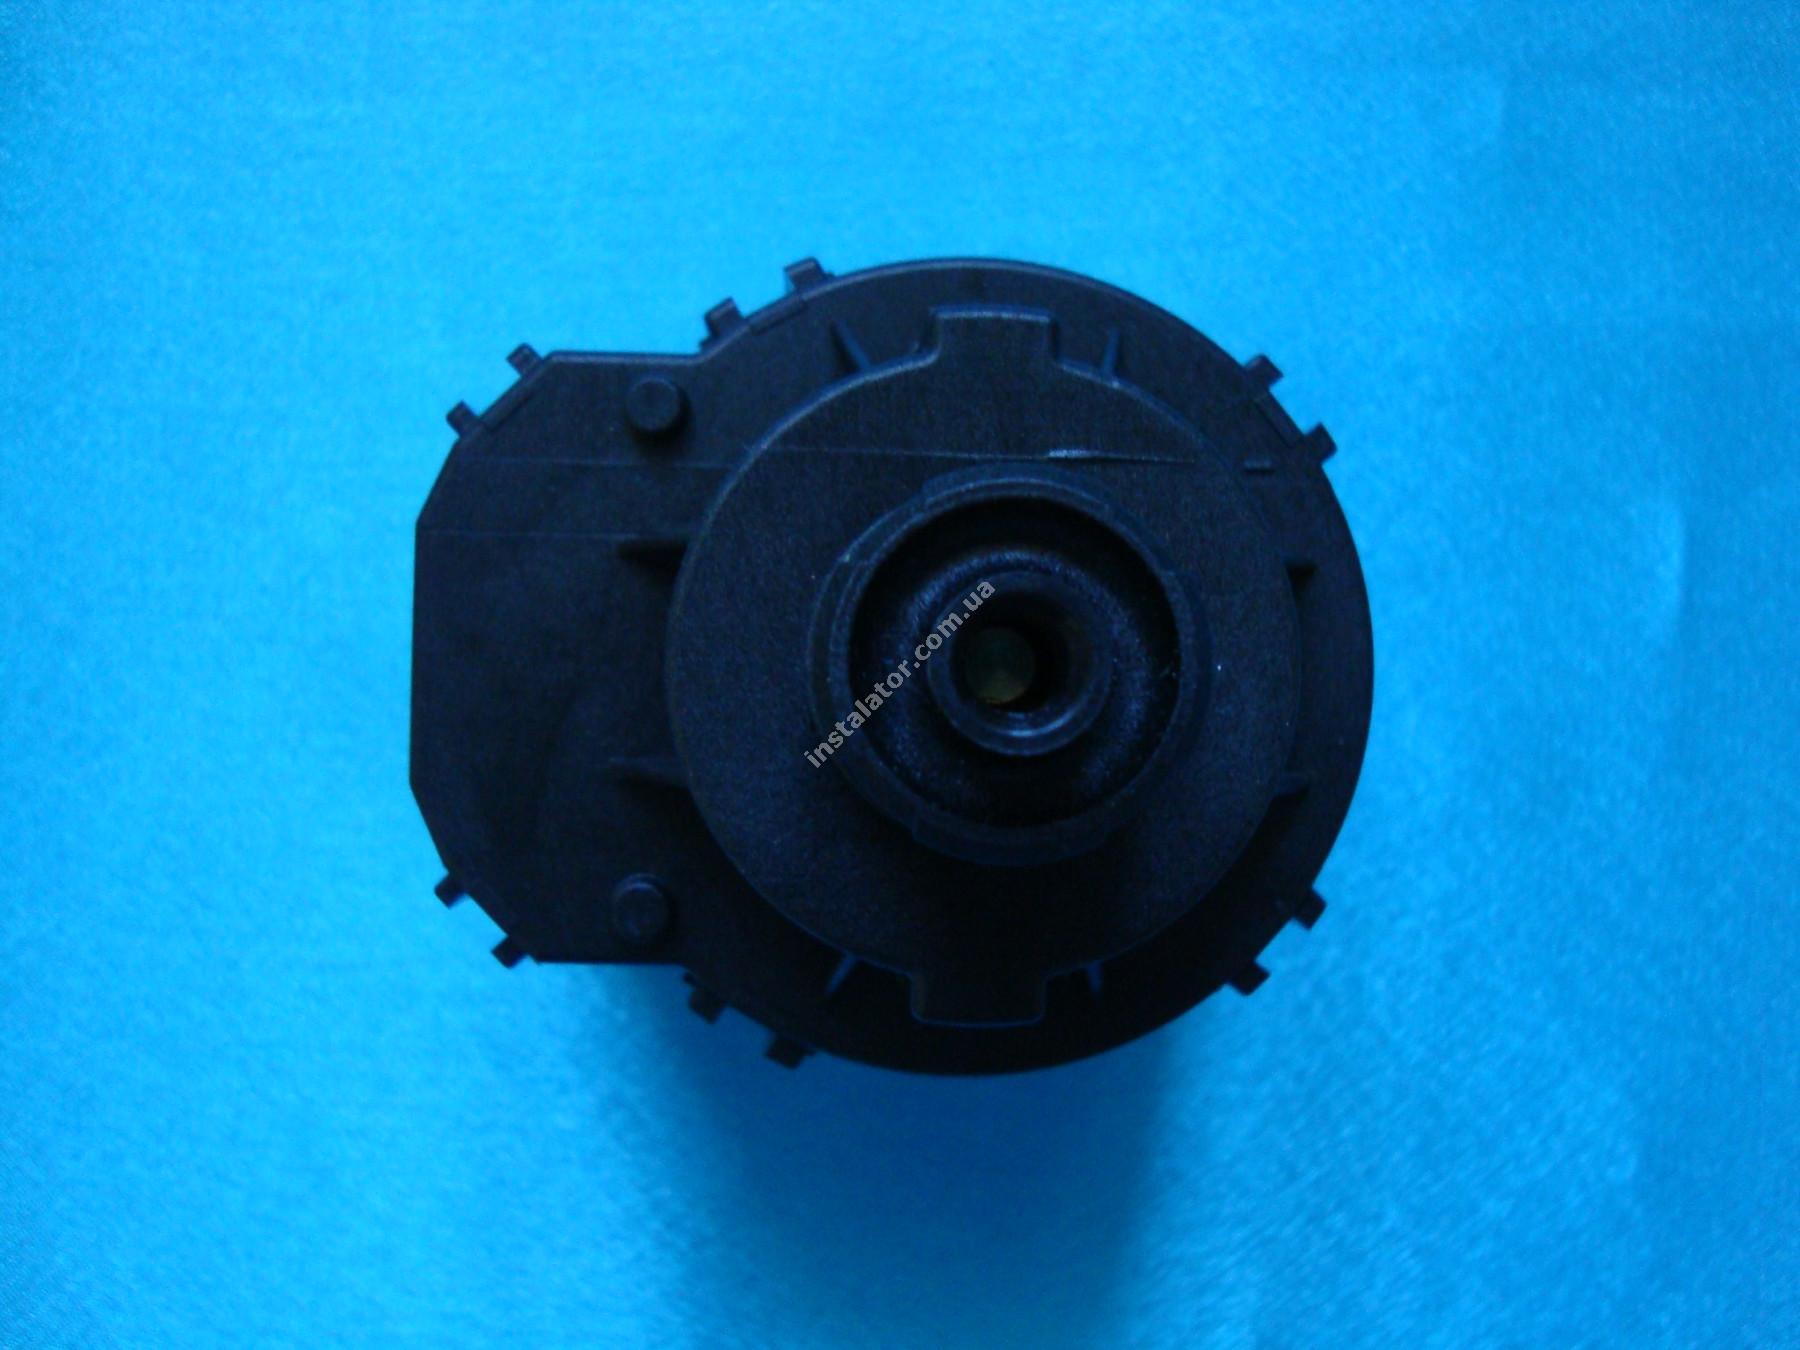 JJD710047300 Сервопривід 3-х ходового клапана Baxi  full-image-1